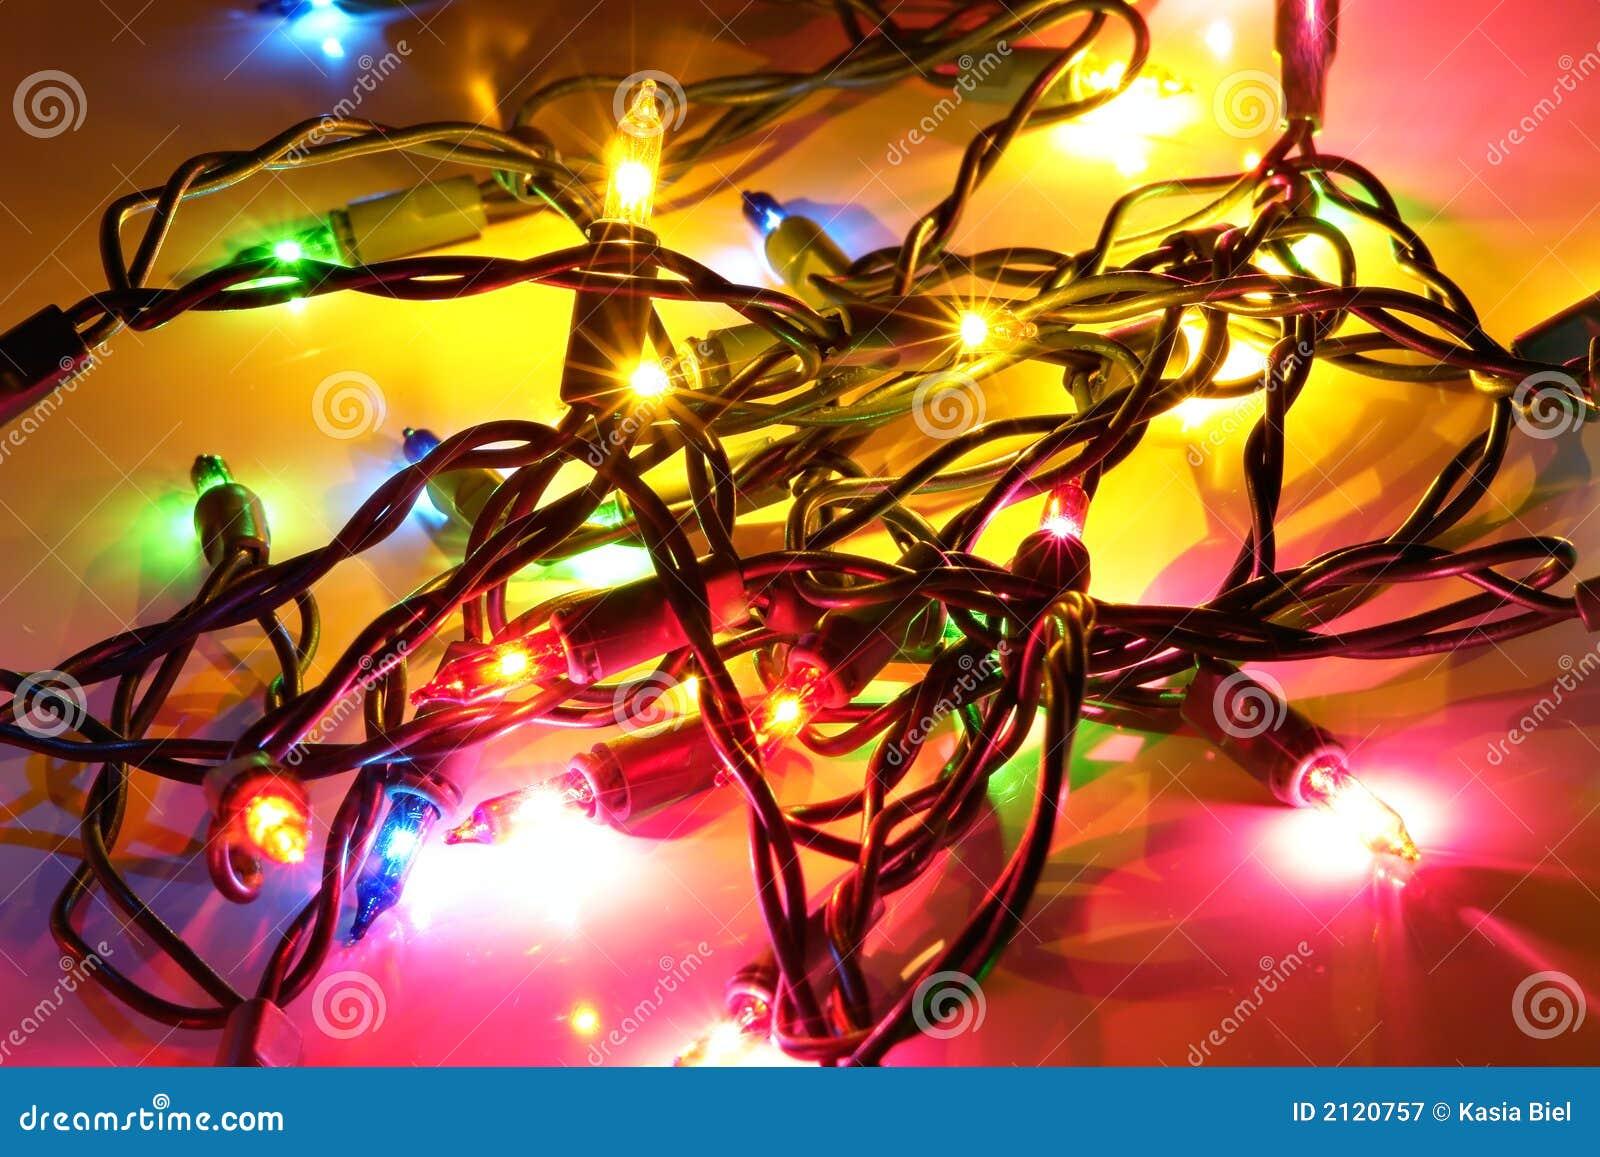 Luces del rbol de navidad imagen de archivo imagen de decoraci n 2120757 - Luces arbol de navidad ...